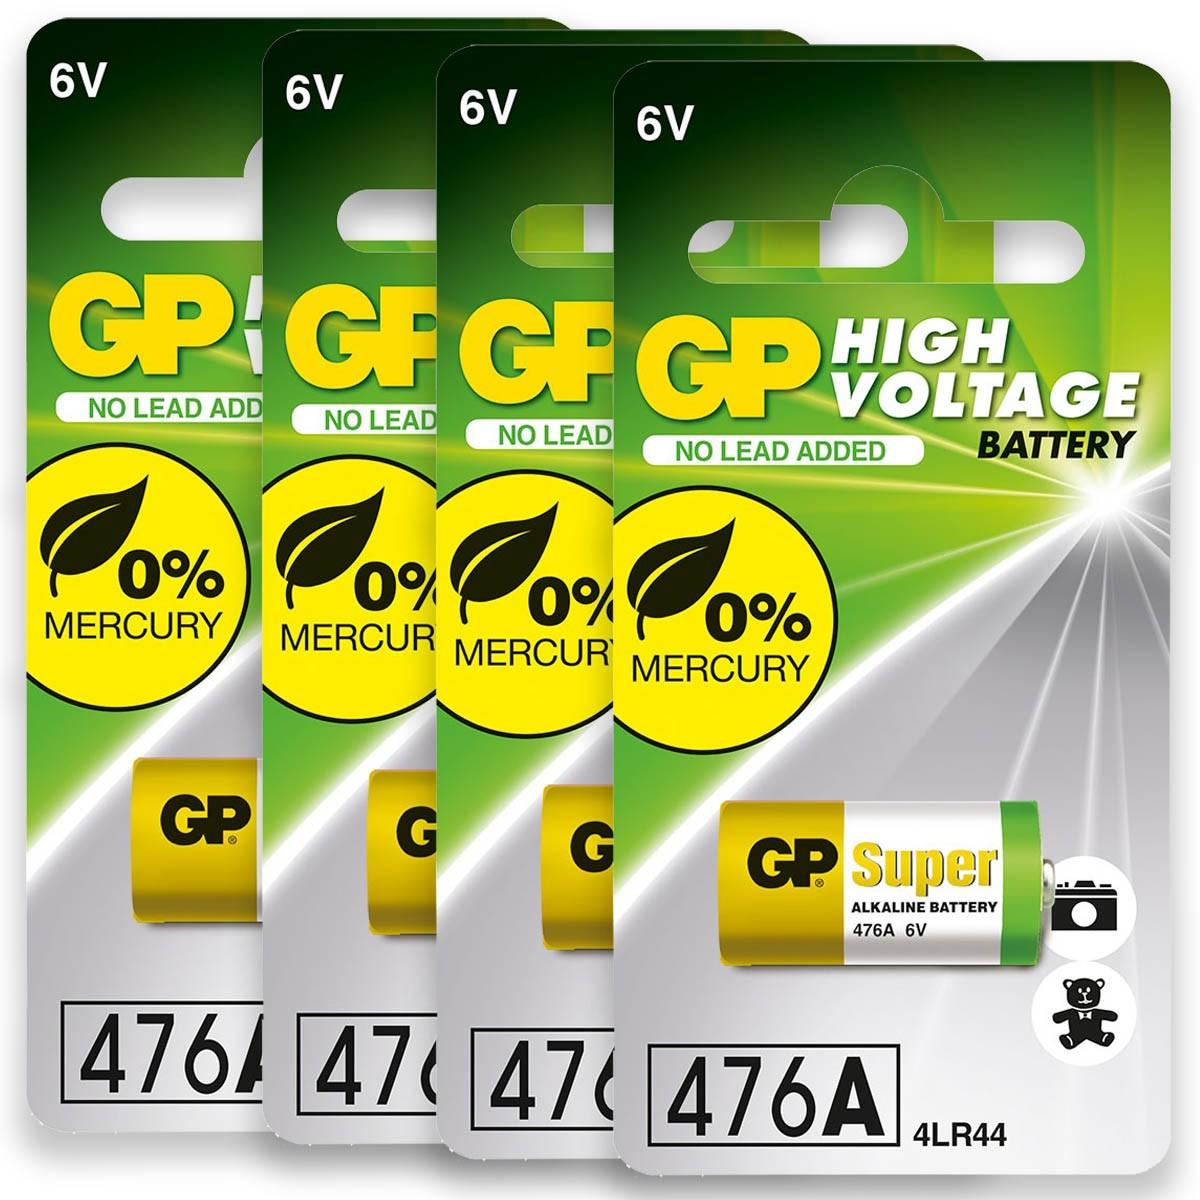 04 Baterias 4LR44 4A76 910A 6V Alcalina Super GP 4 cartelas